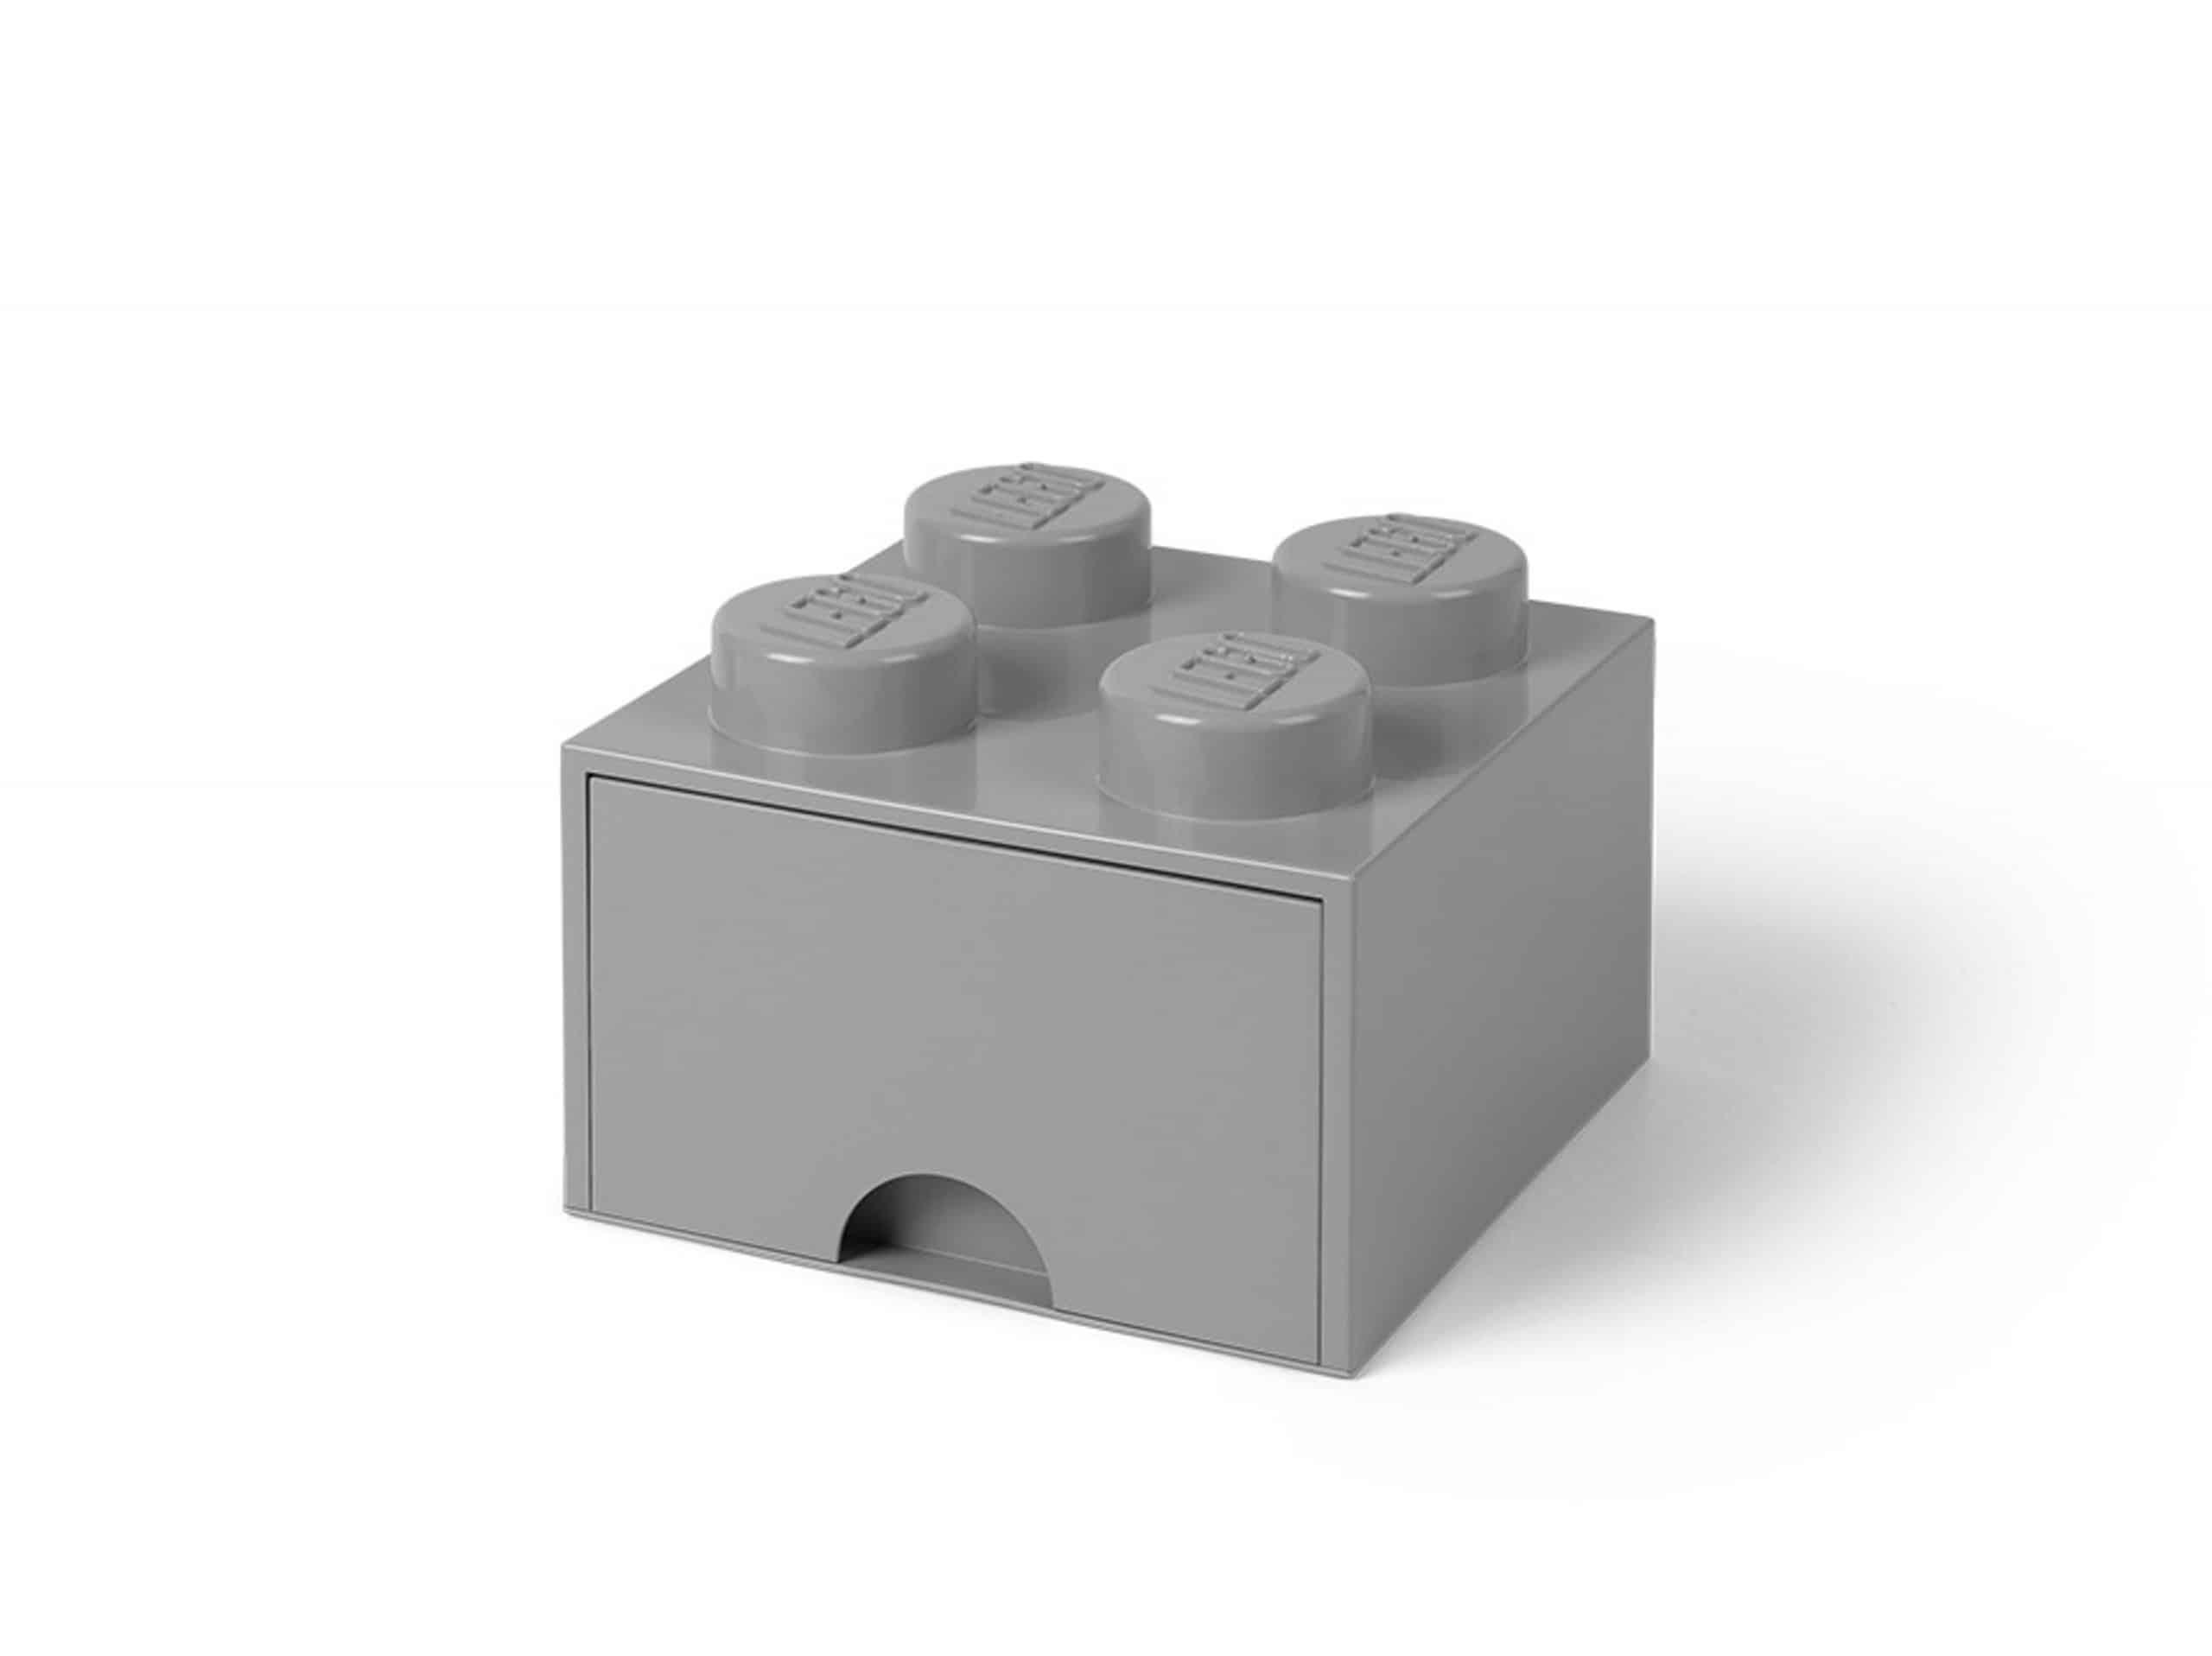 brique gris pierre de rangement lego 5005713 a tiroir et a 4 tenons scaled